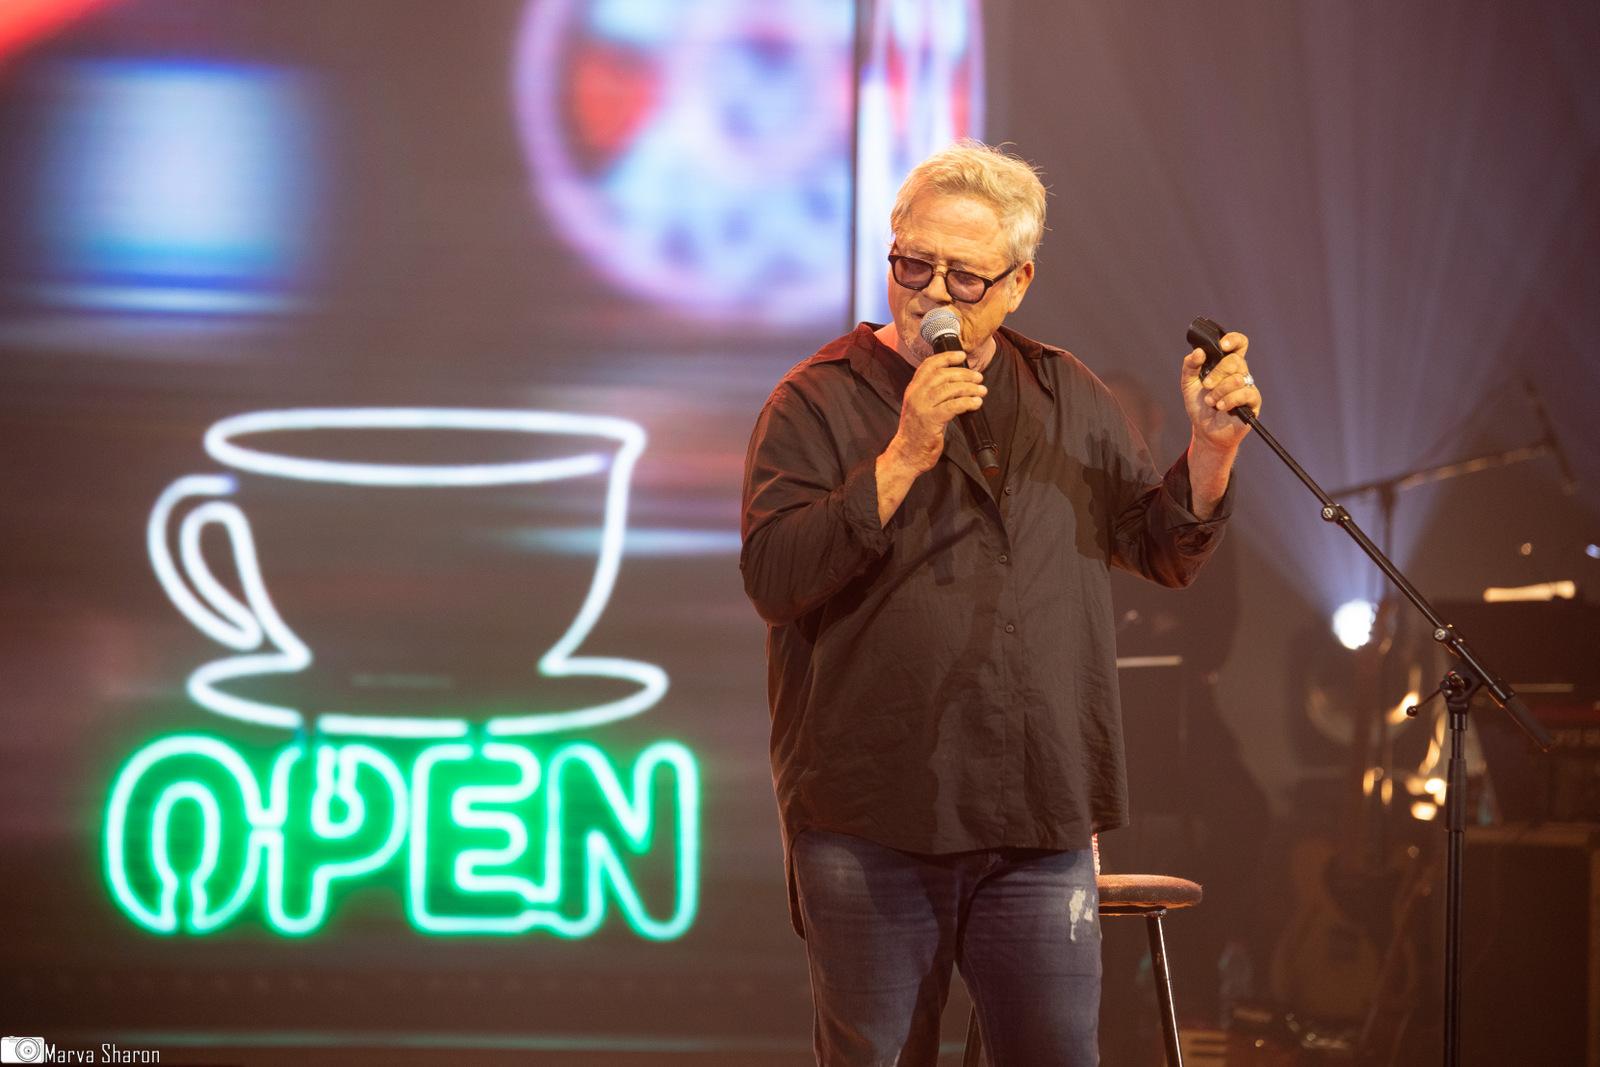 קפה אצל ברטה עם שלמה ארצי - במופע - אלף מנגינות קטנות - מחווה ליגאל בשן. צילום מרווה שרון